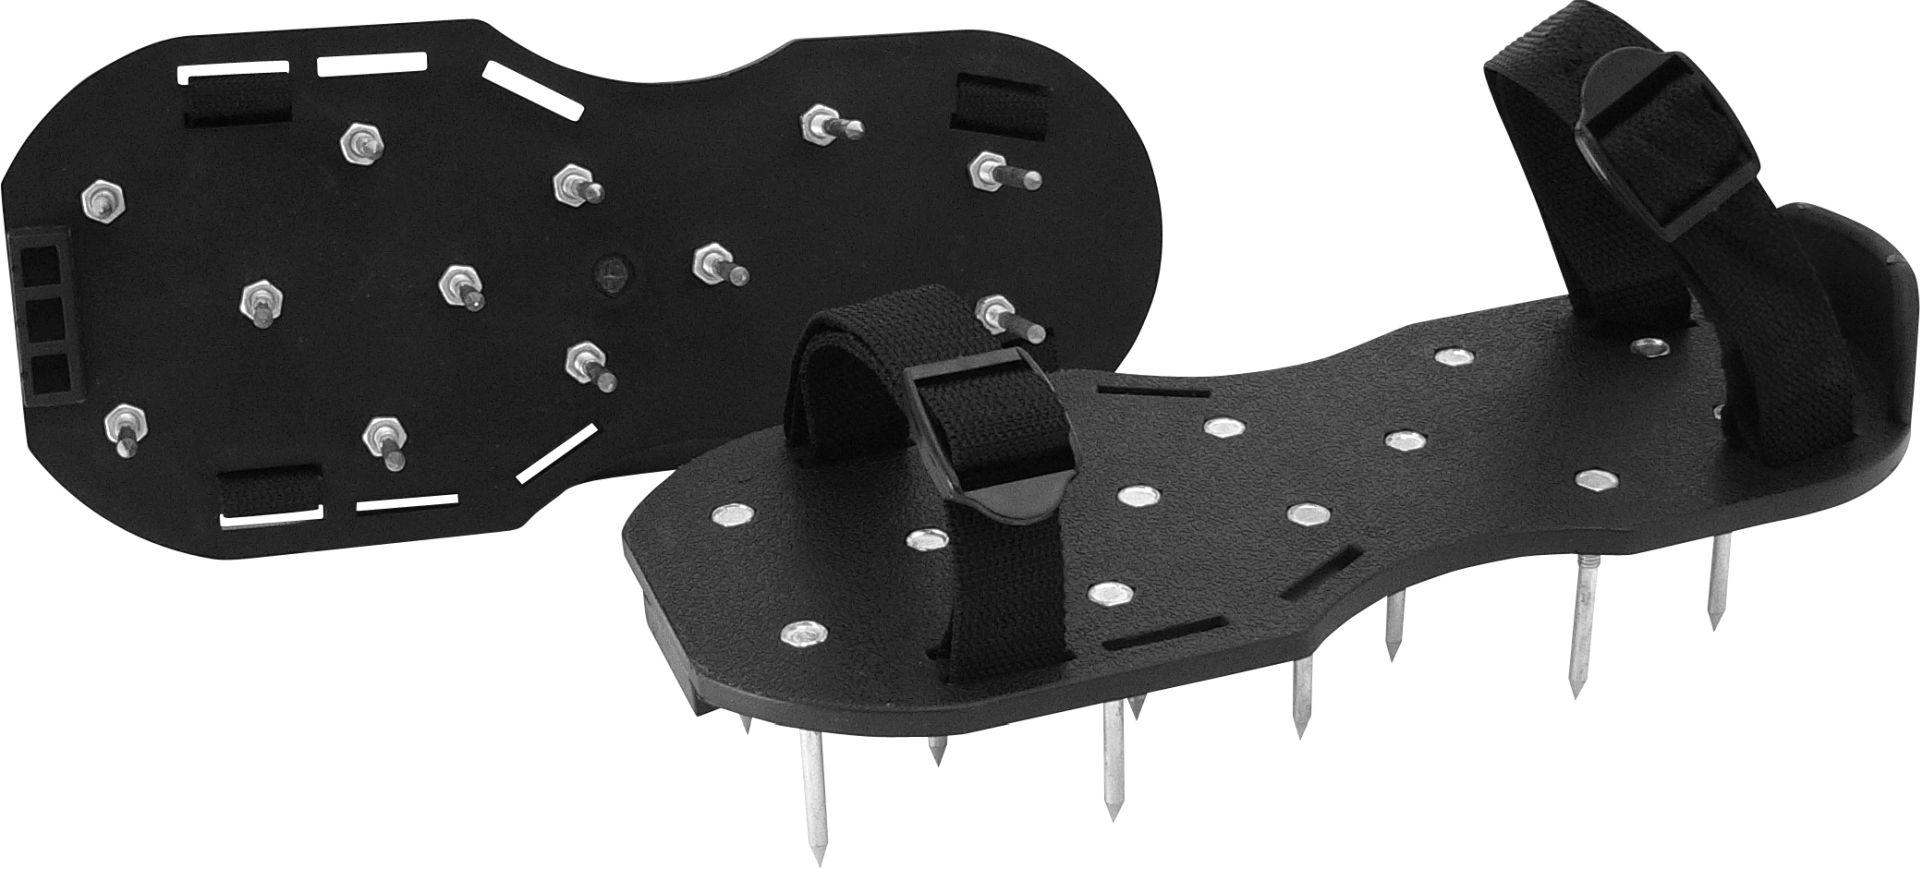 TRIUSO Nagelsohlen, Nagellänge 50 mm, für Schuhgrösse 37-47